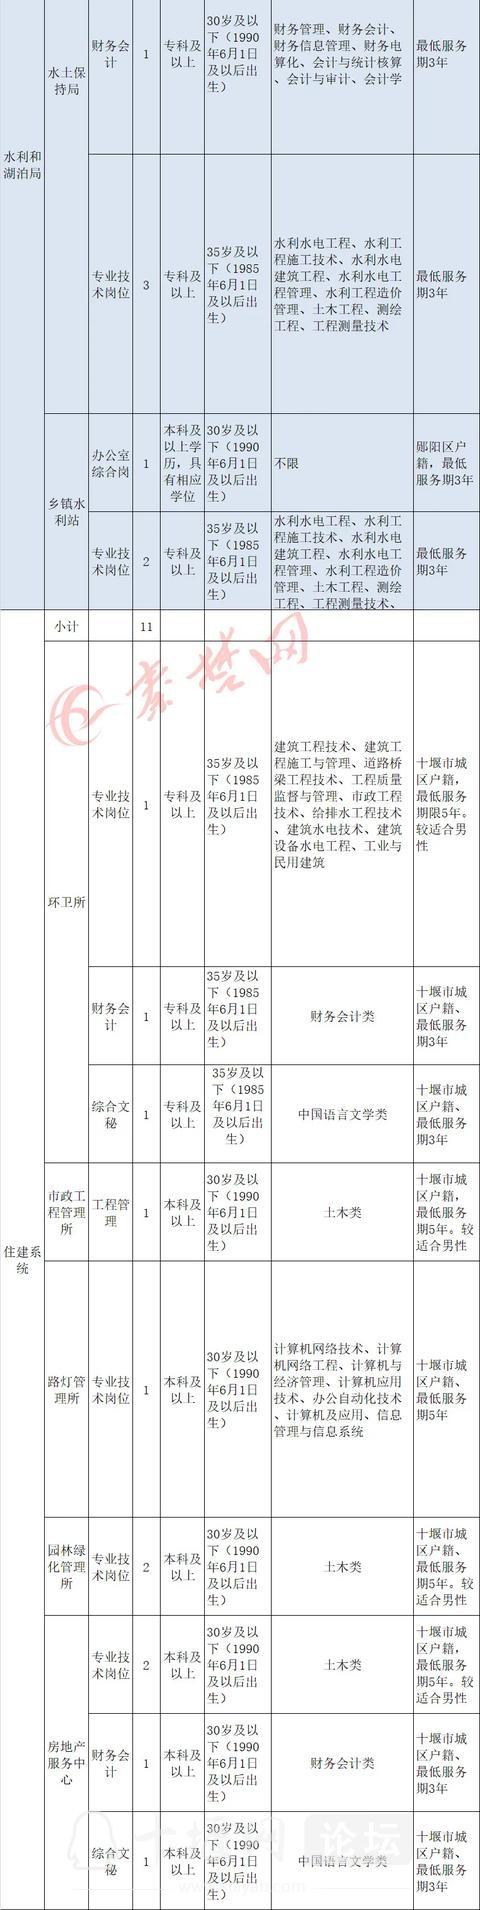 十堰启动事业单位大规模招聘,最全岗位表来了-14.jpg